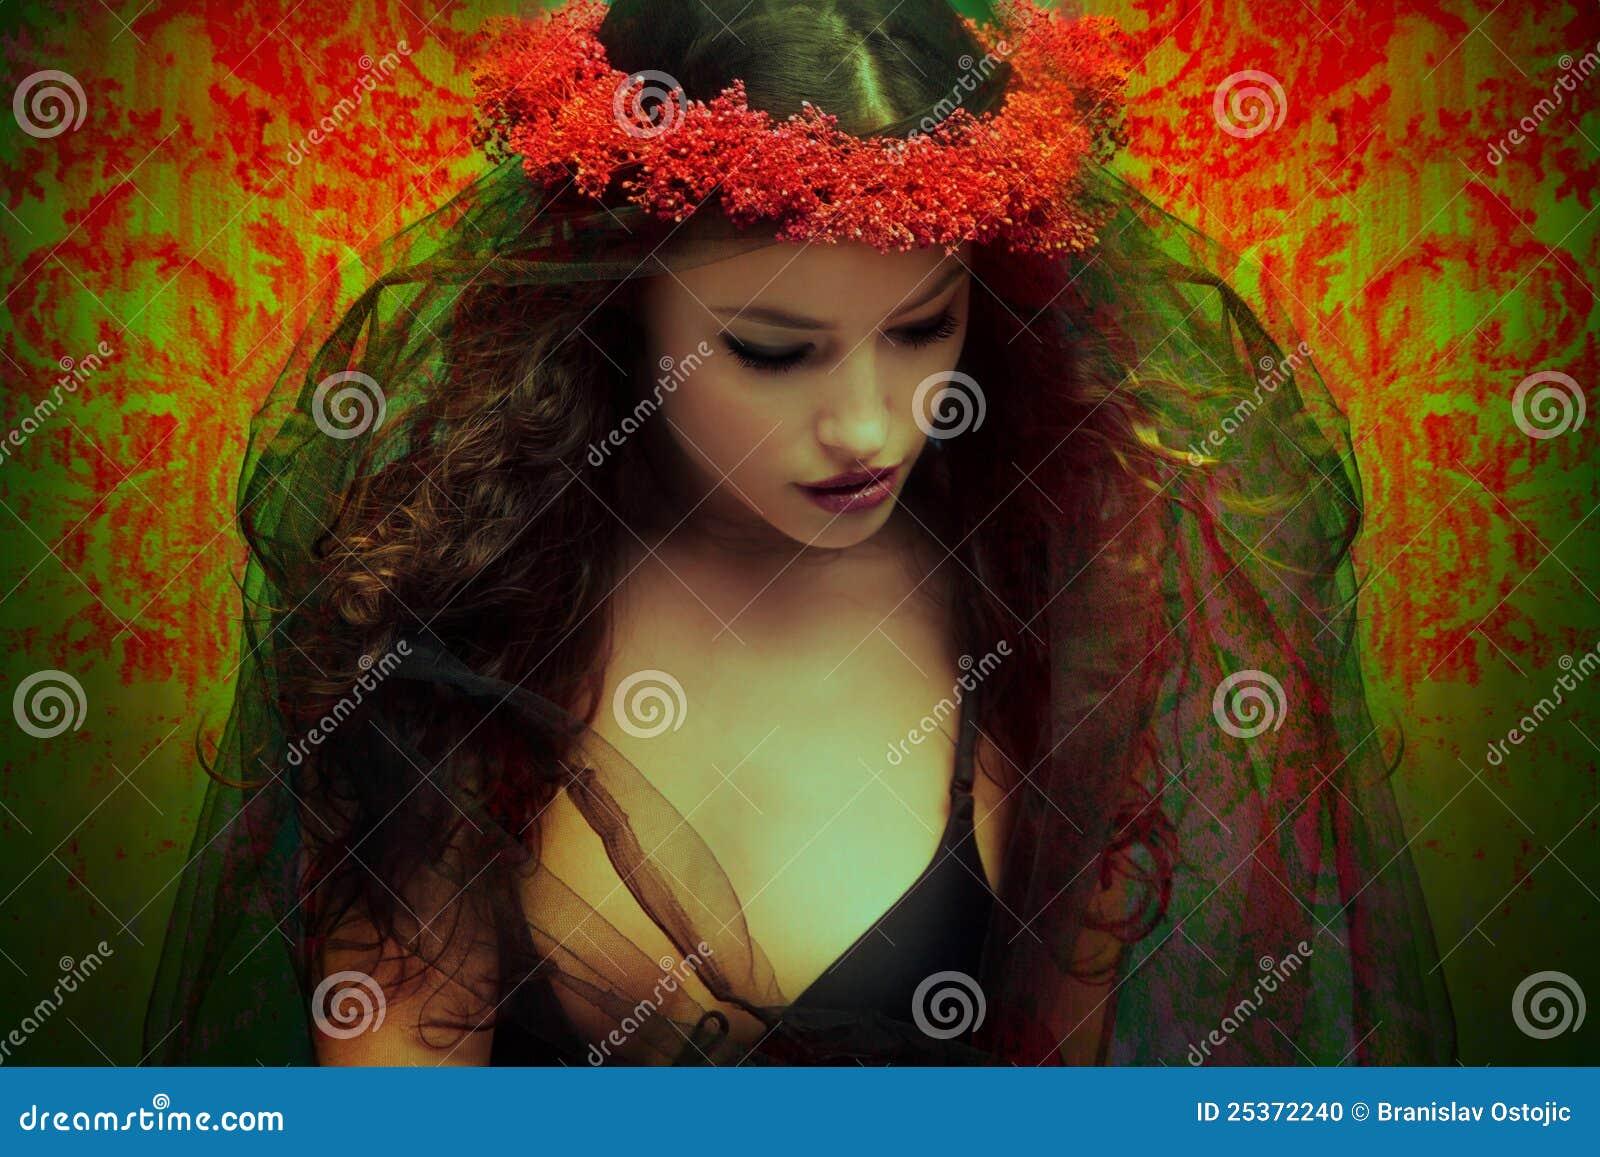 fantasy-woman-wreath-flowers-25372240.jp